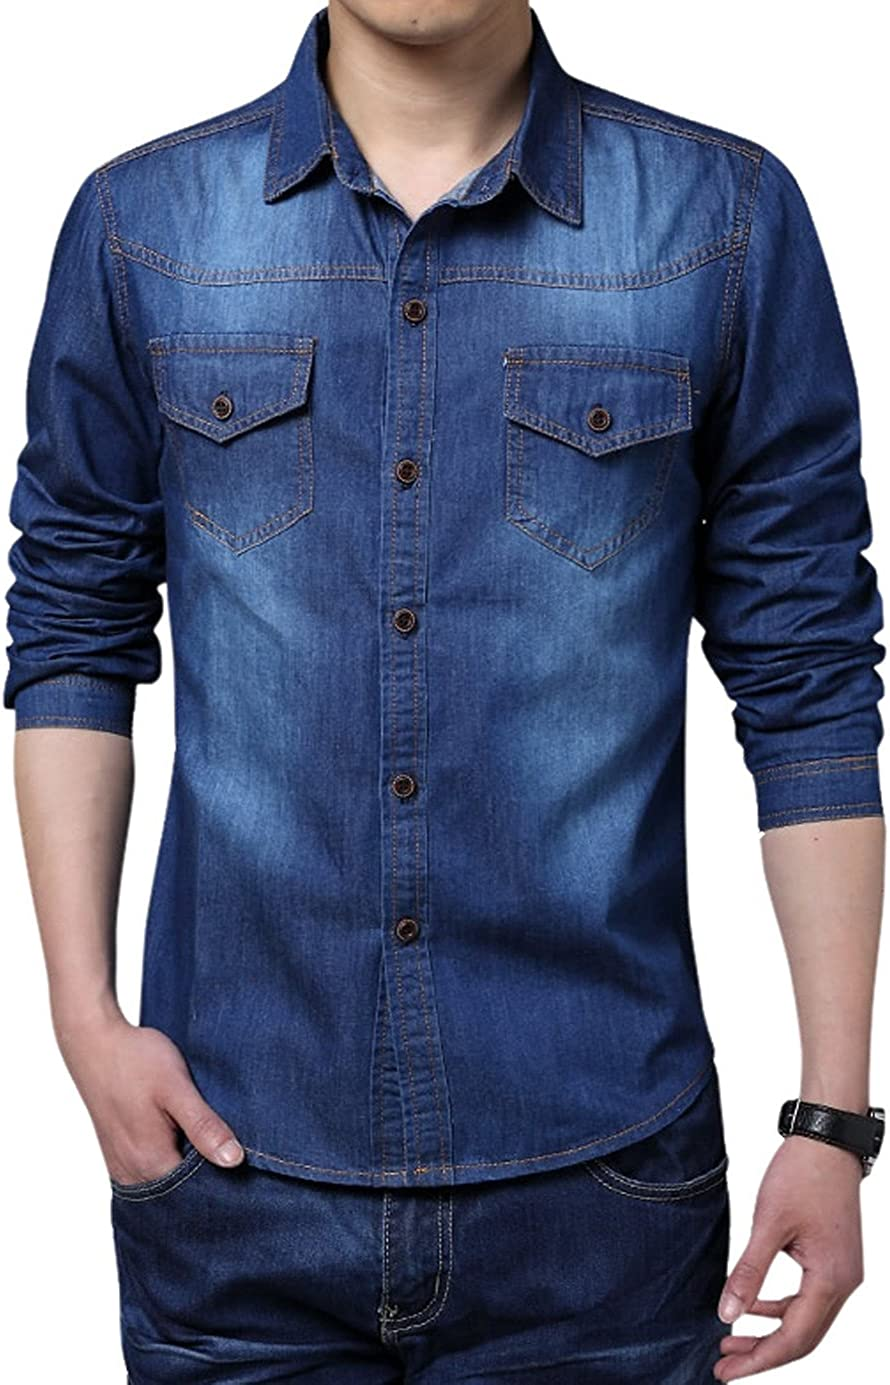 chouyatou Men's Long Sleeve Button Up Casual Denim Shirts Tops